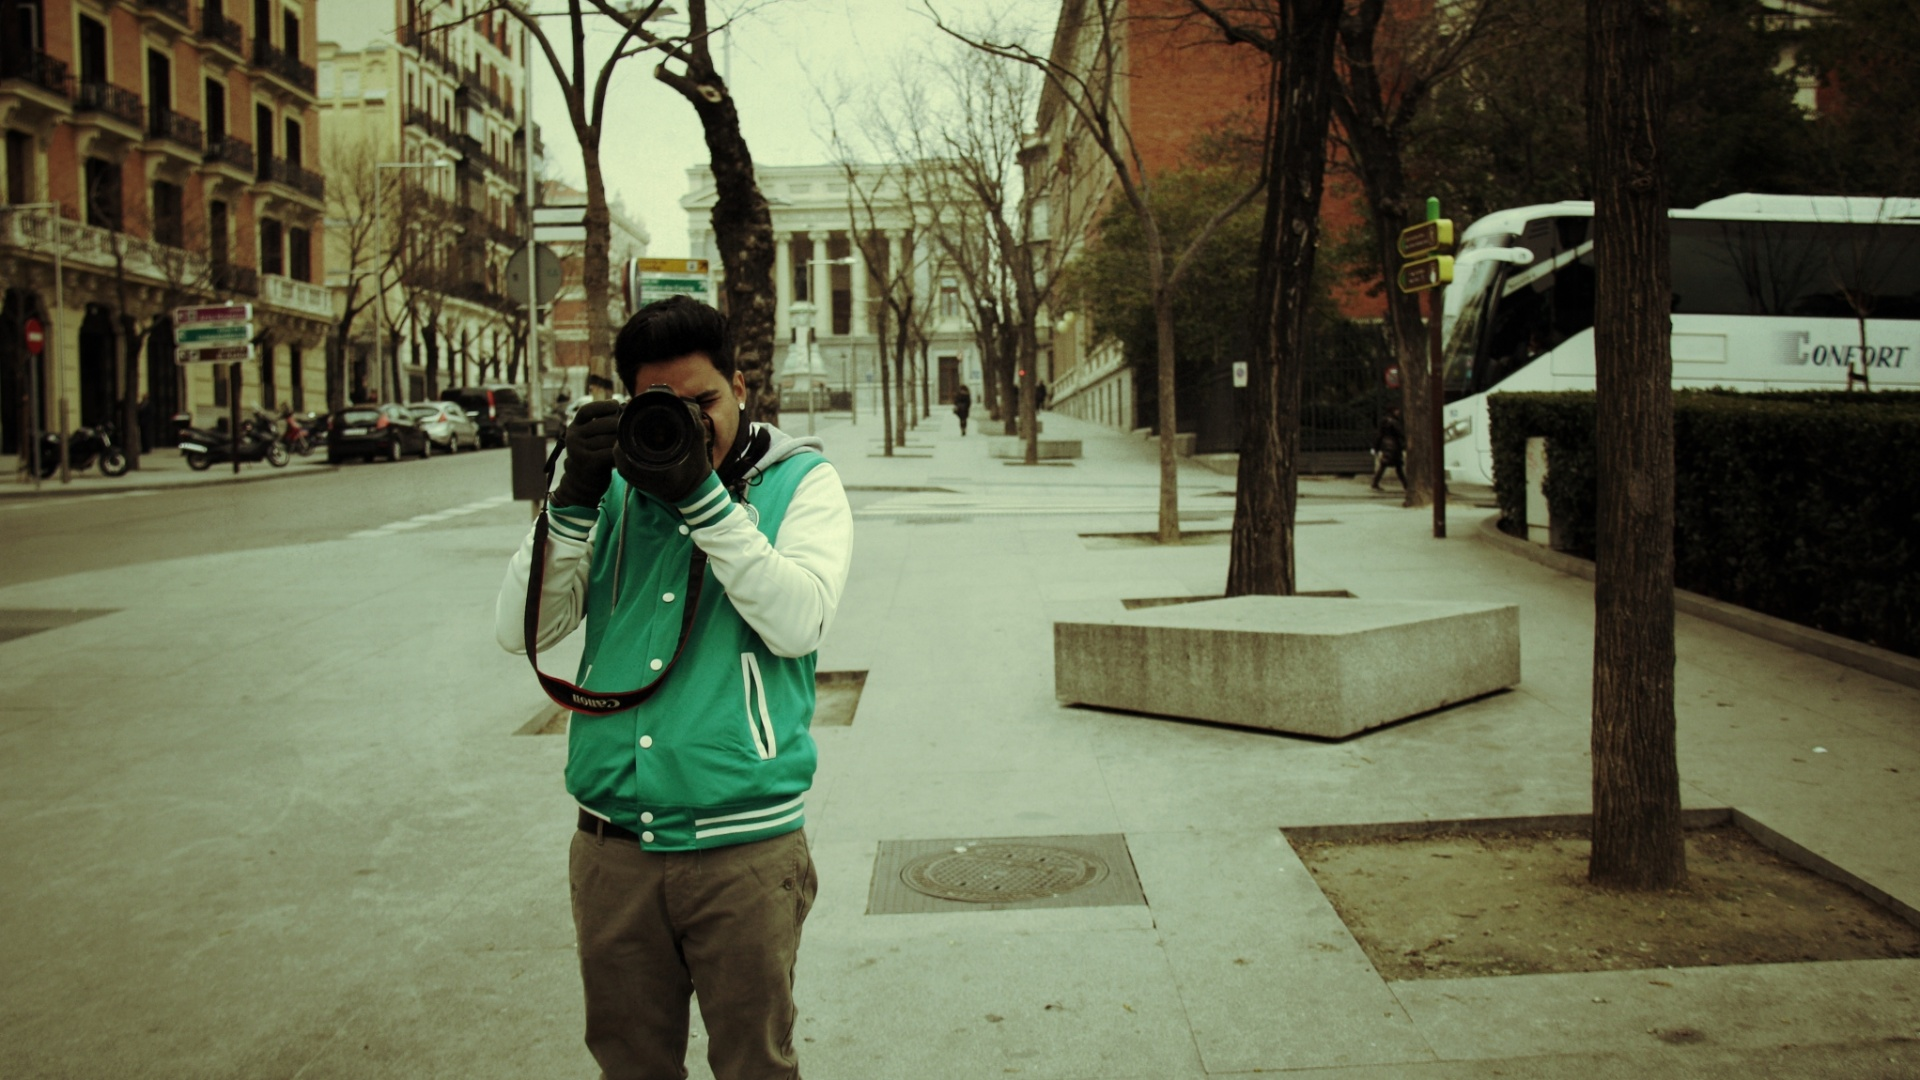 jan.2013 Koba do Restart fotografa Pe Lu no lado de fora do museu do Prado em Madri durante férias dos músicos na Europa